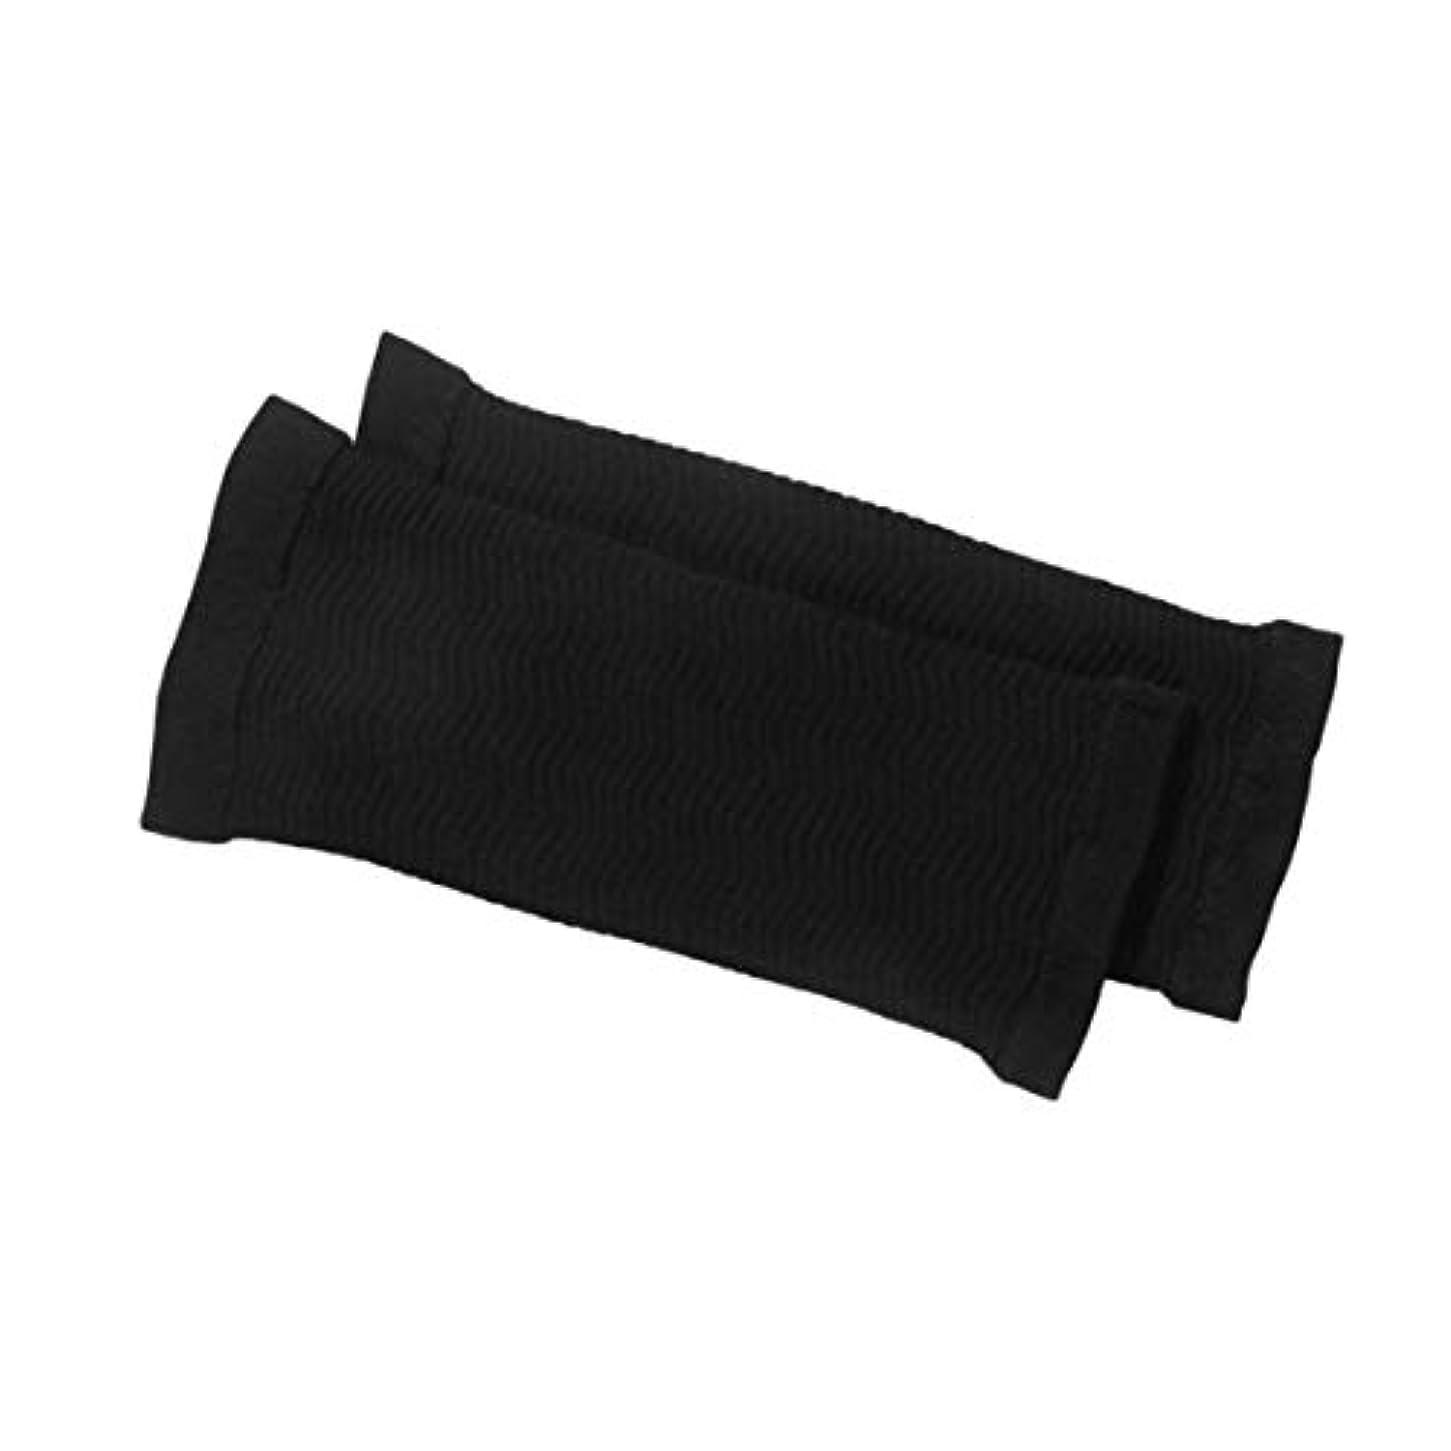 コマンド慣性請求可能1ペア420 D圧縮痩身アームスリーブワークアウトトーニングバーンセルライトシェイパー脂肪燃焼袖用女性 - 黒